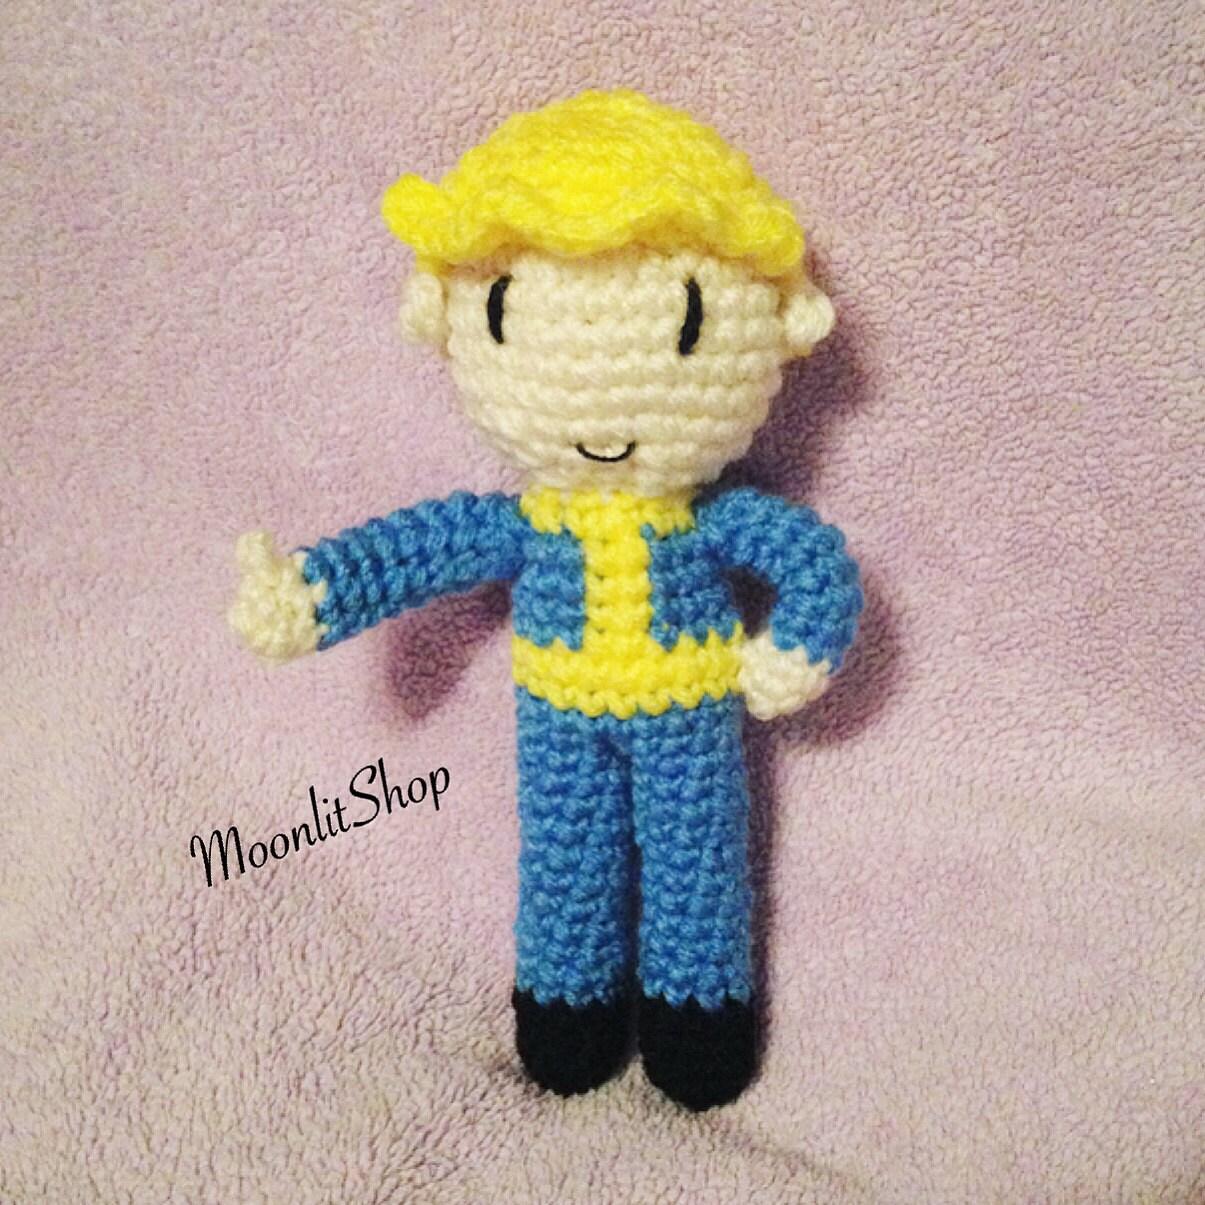 Fallout inspiriert häkeln Vault Boy Amigurumi Puppe